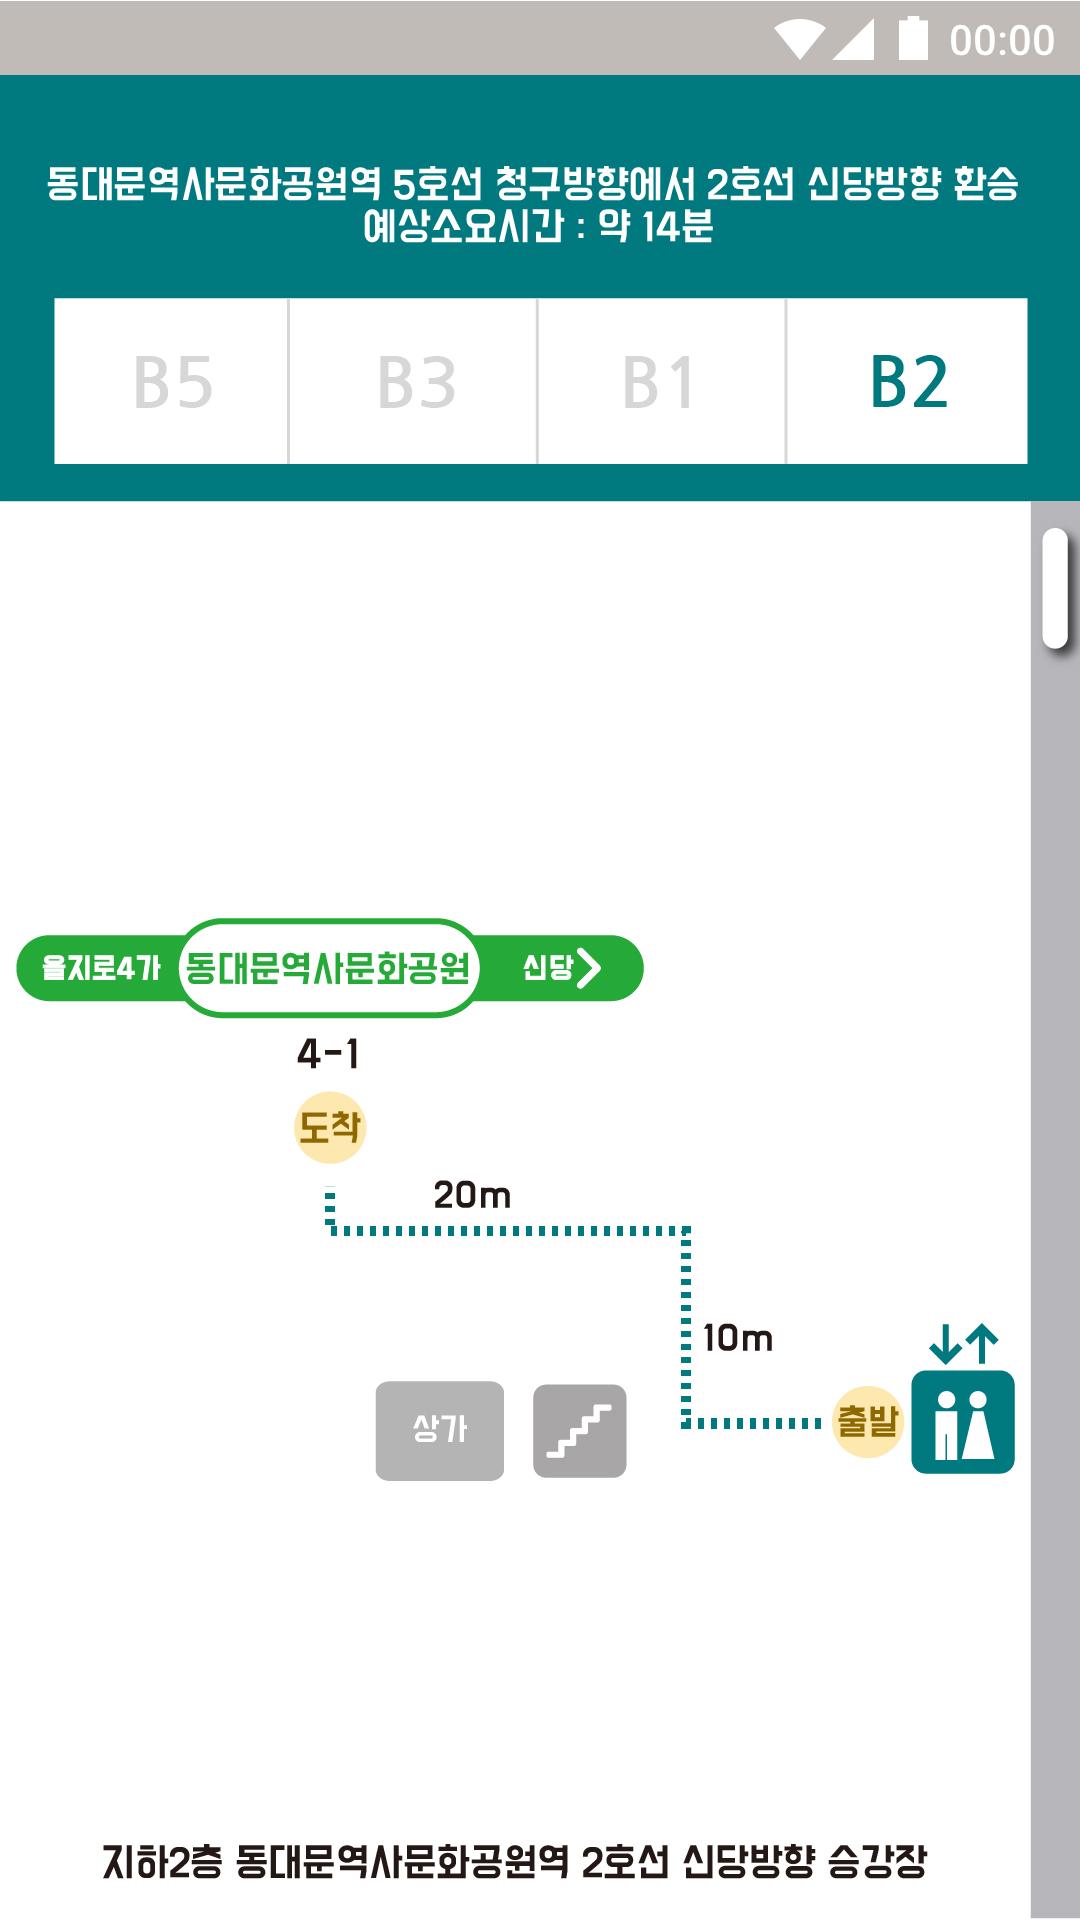 동대문역사문화공원역 B2